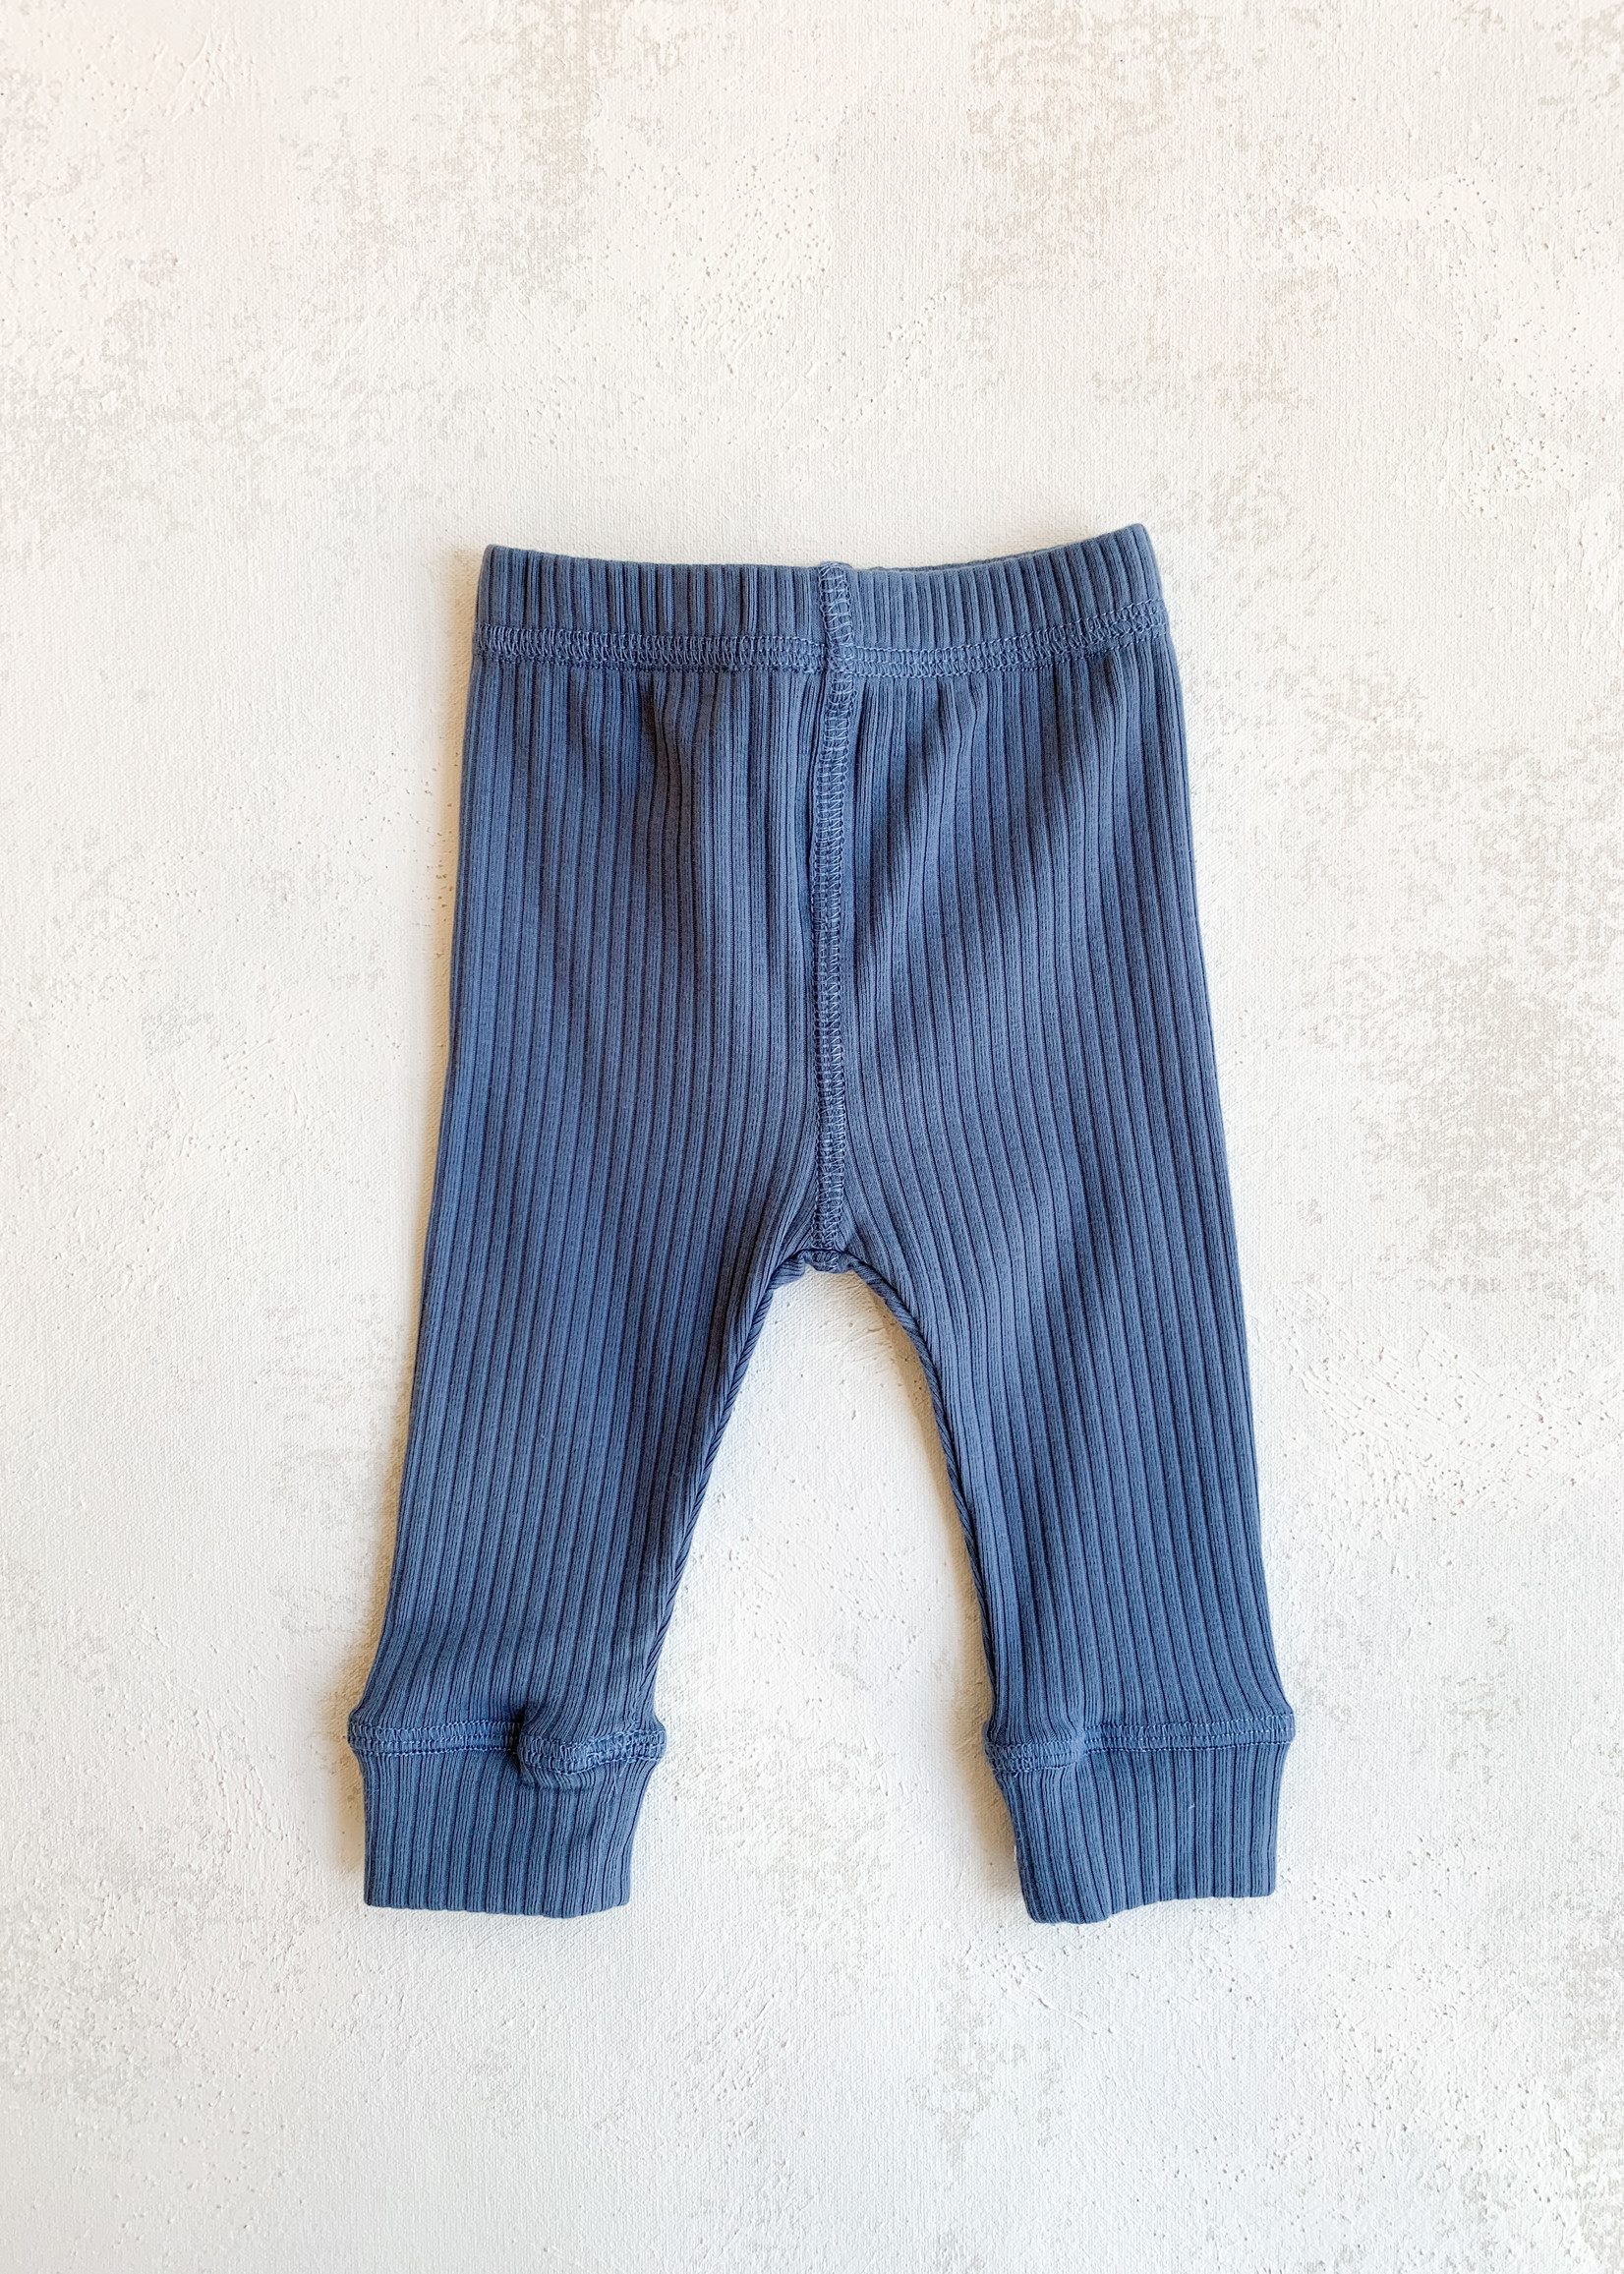 Elitaire Petite Perry Legging in Blue